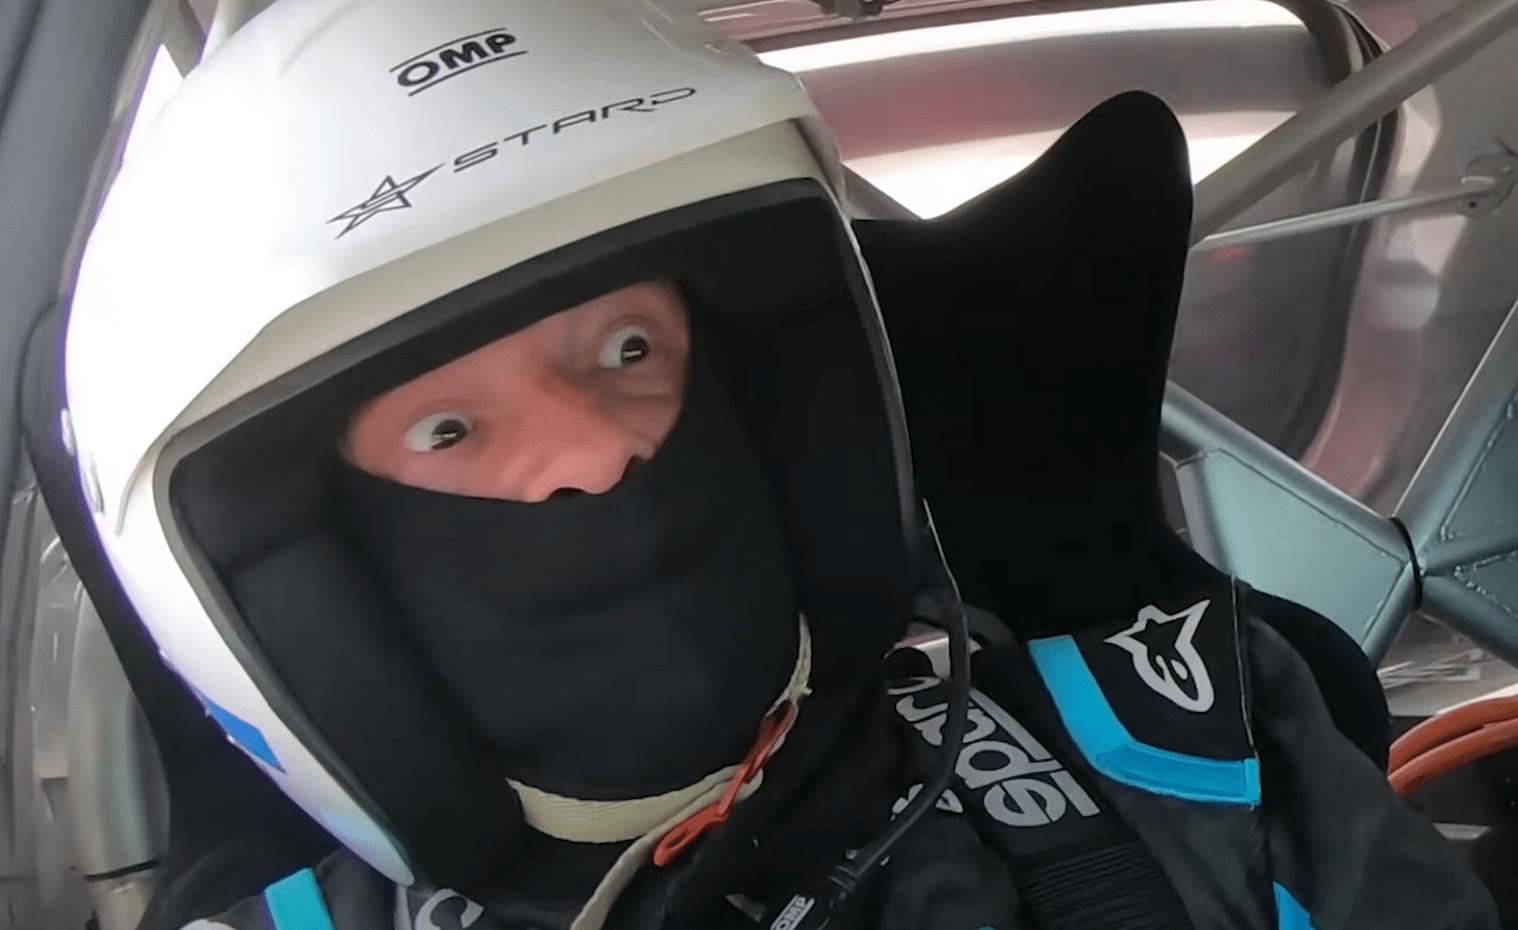 ken block, erx, fiesta, rallycross, car, race